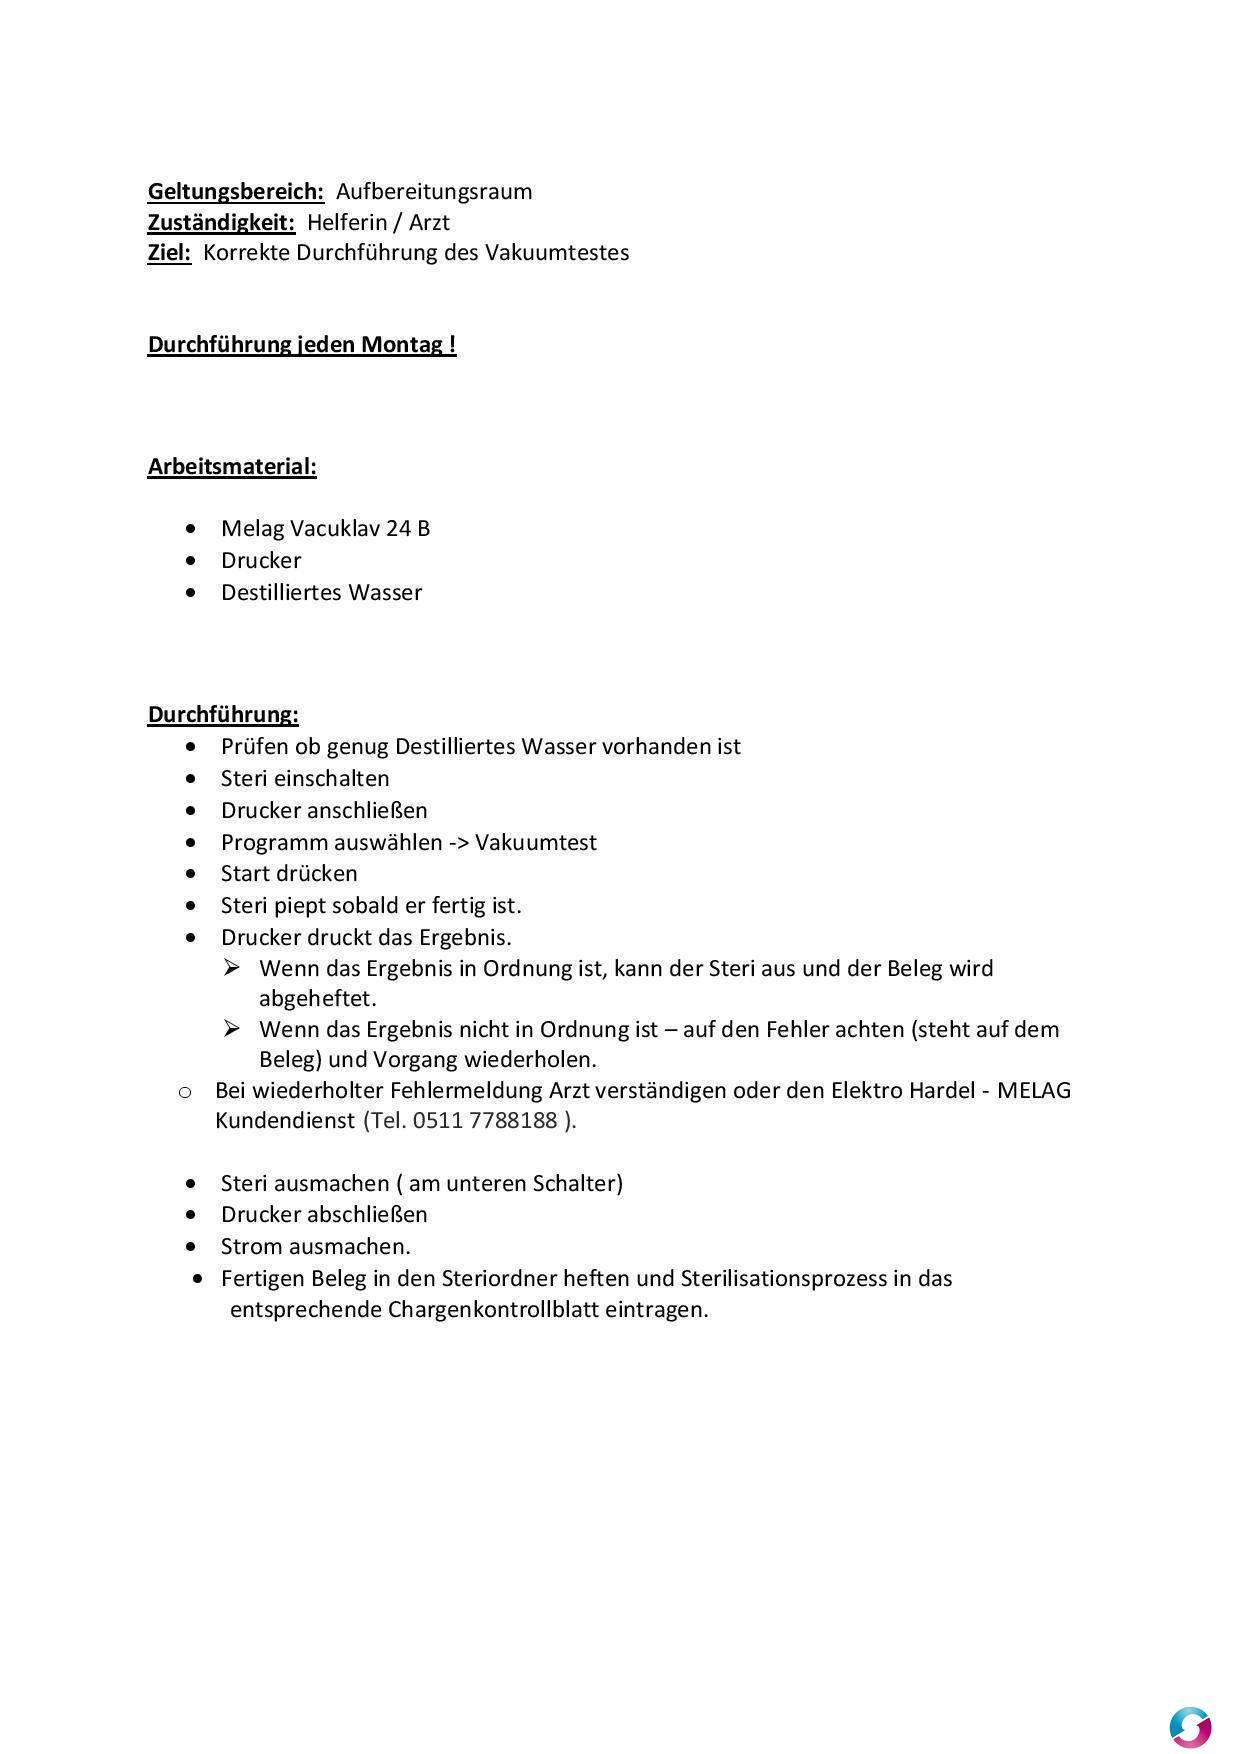 Vorlage Arbeitsanweisung Handyverbot 13 Bewundernswert 13